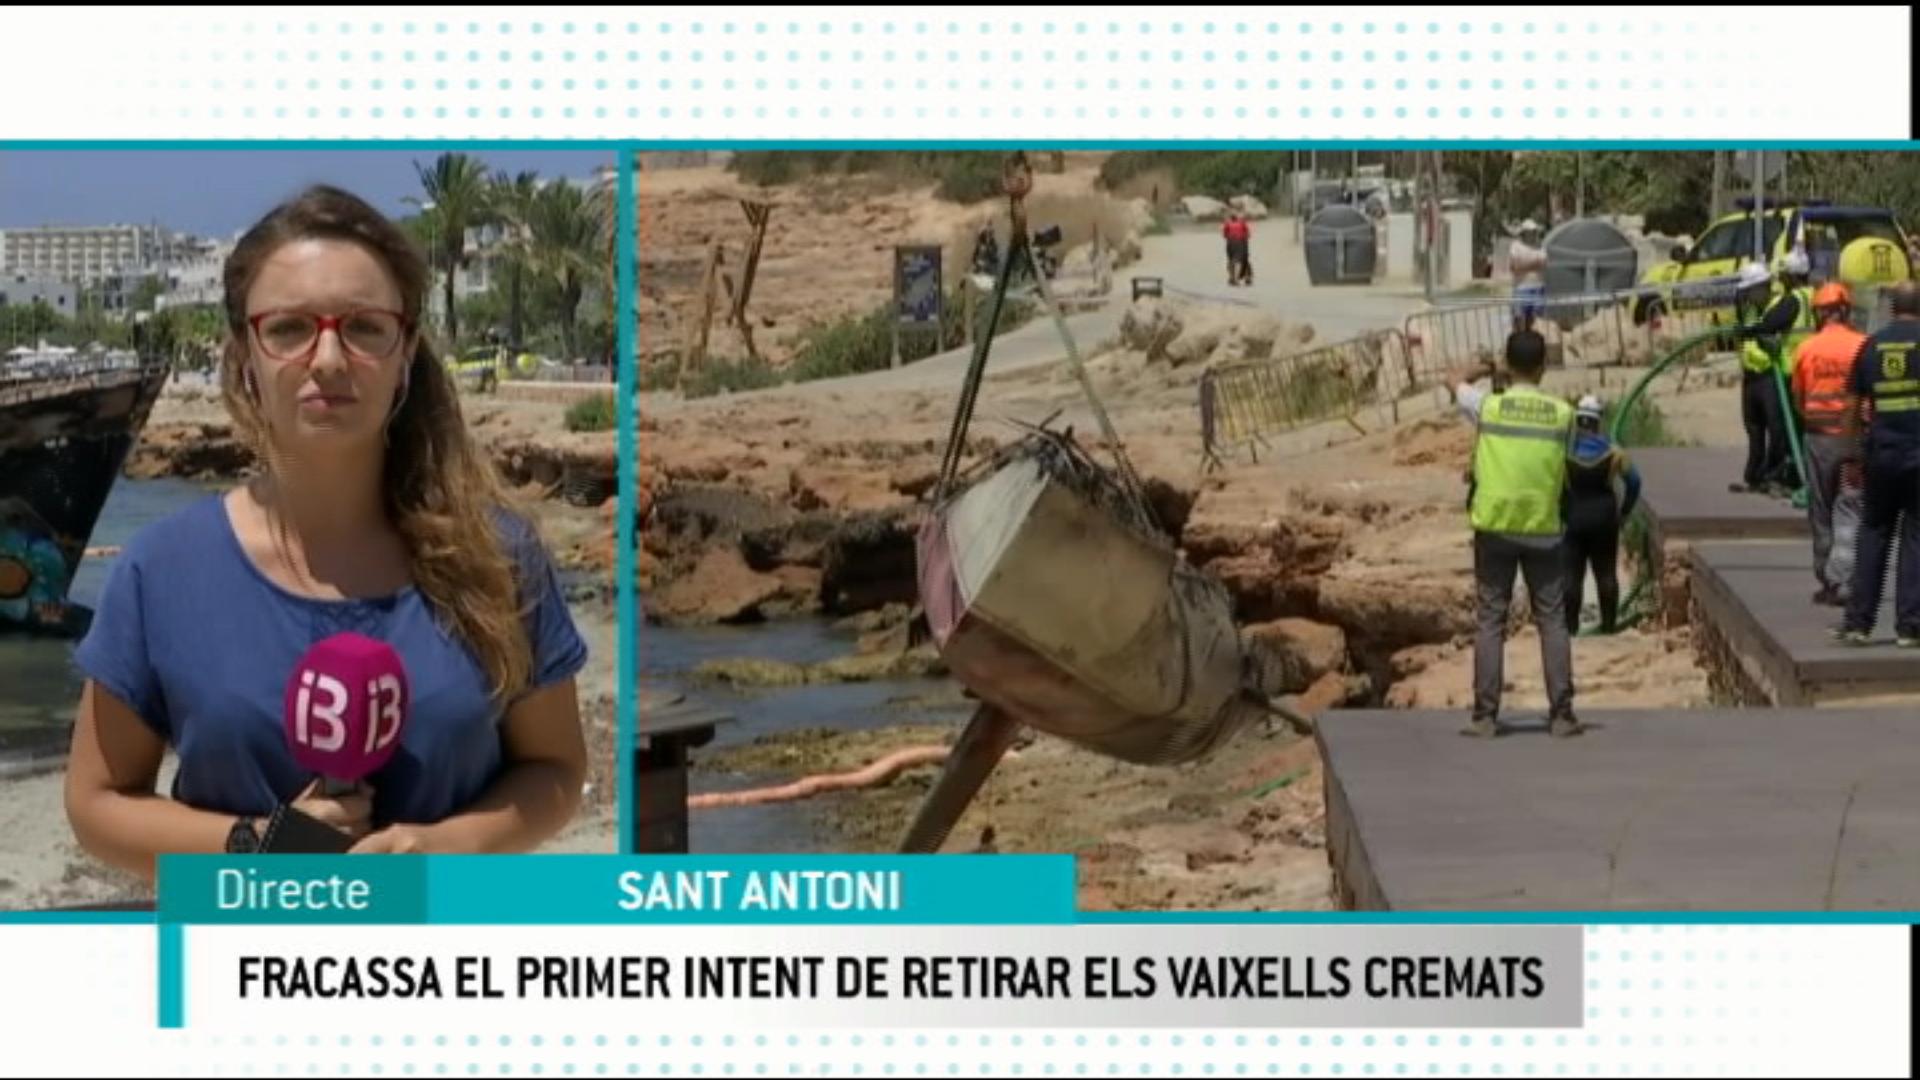 Falla+el+primer+intent+de+retirada+del+vaixell+cremat+a+Sant+Antoni